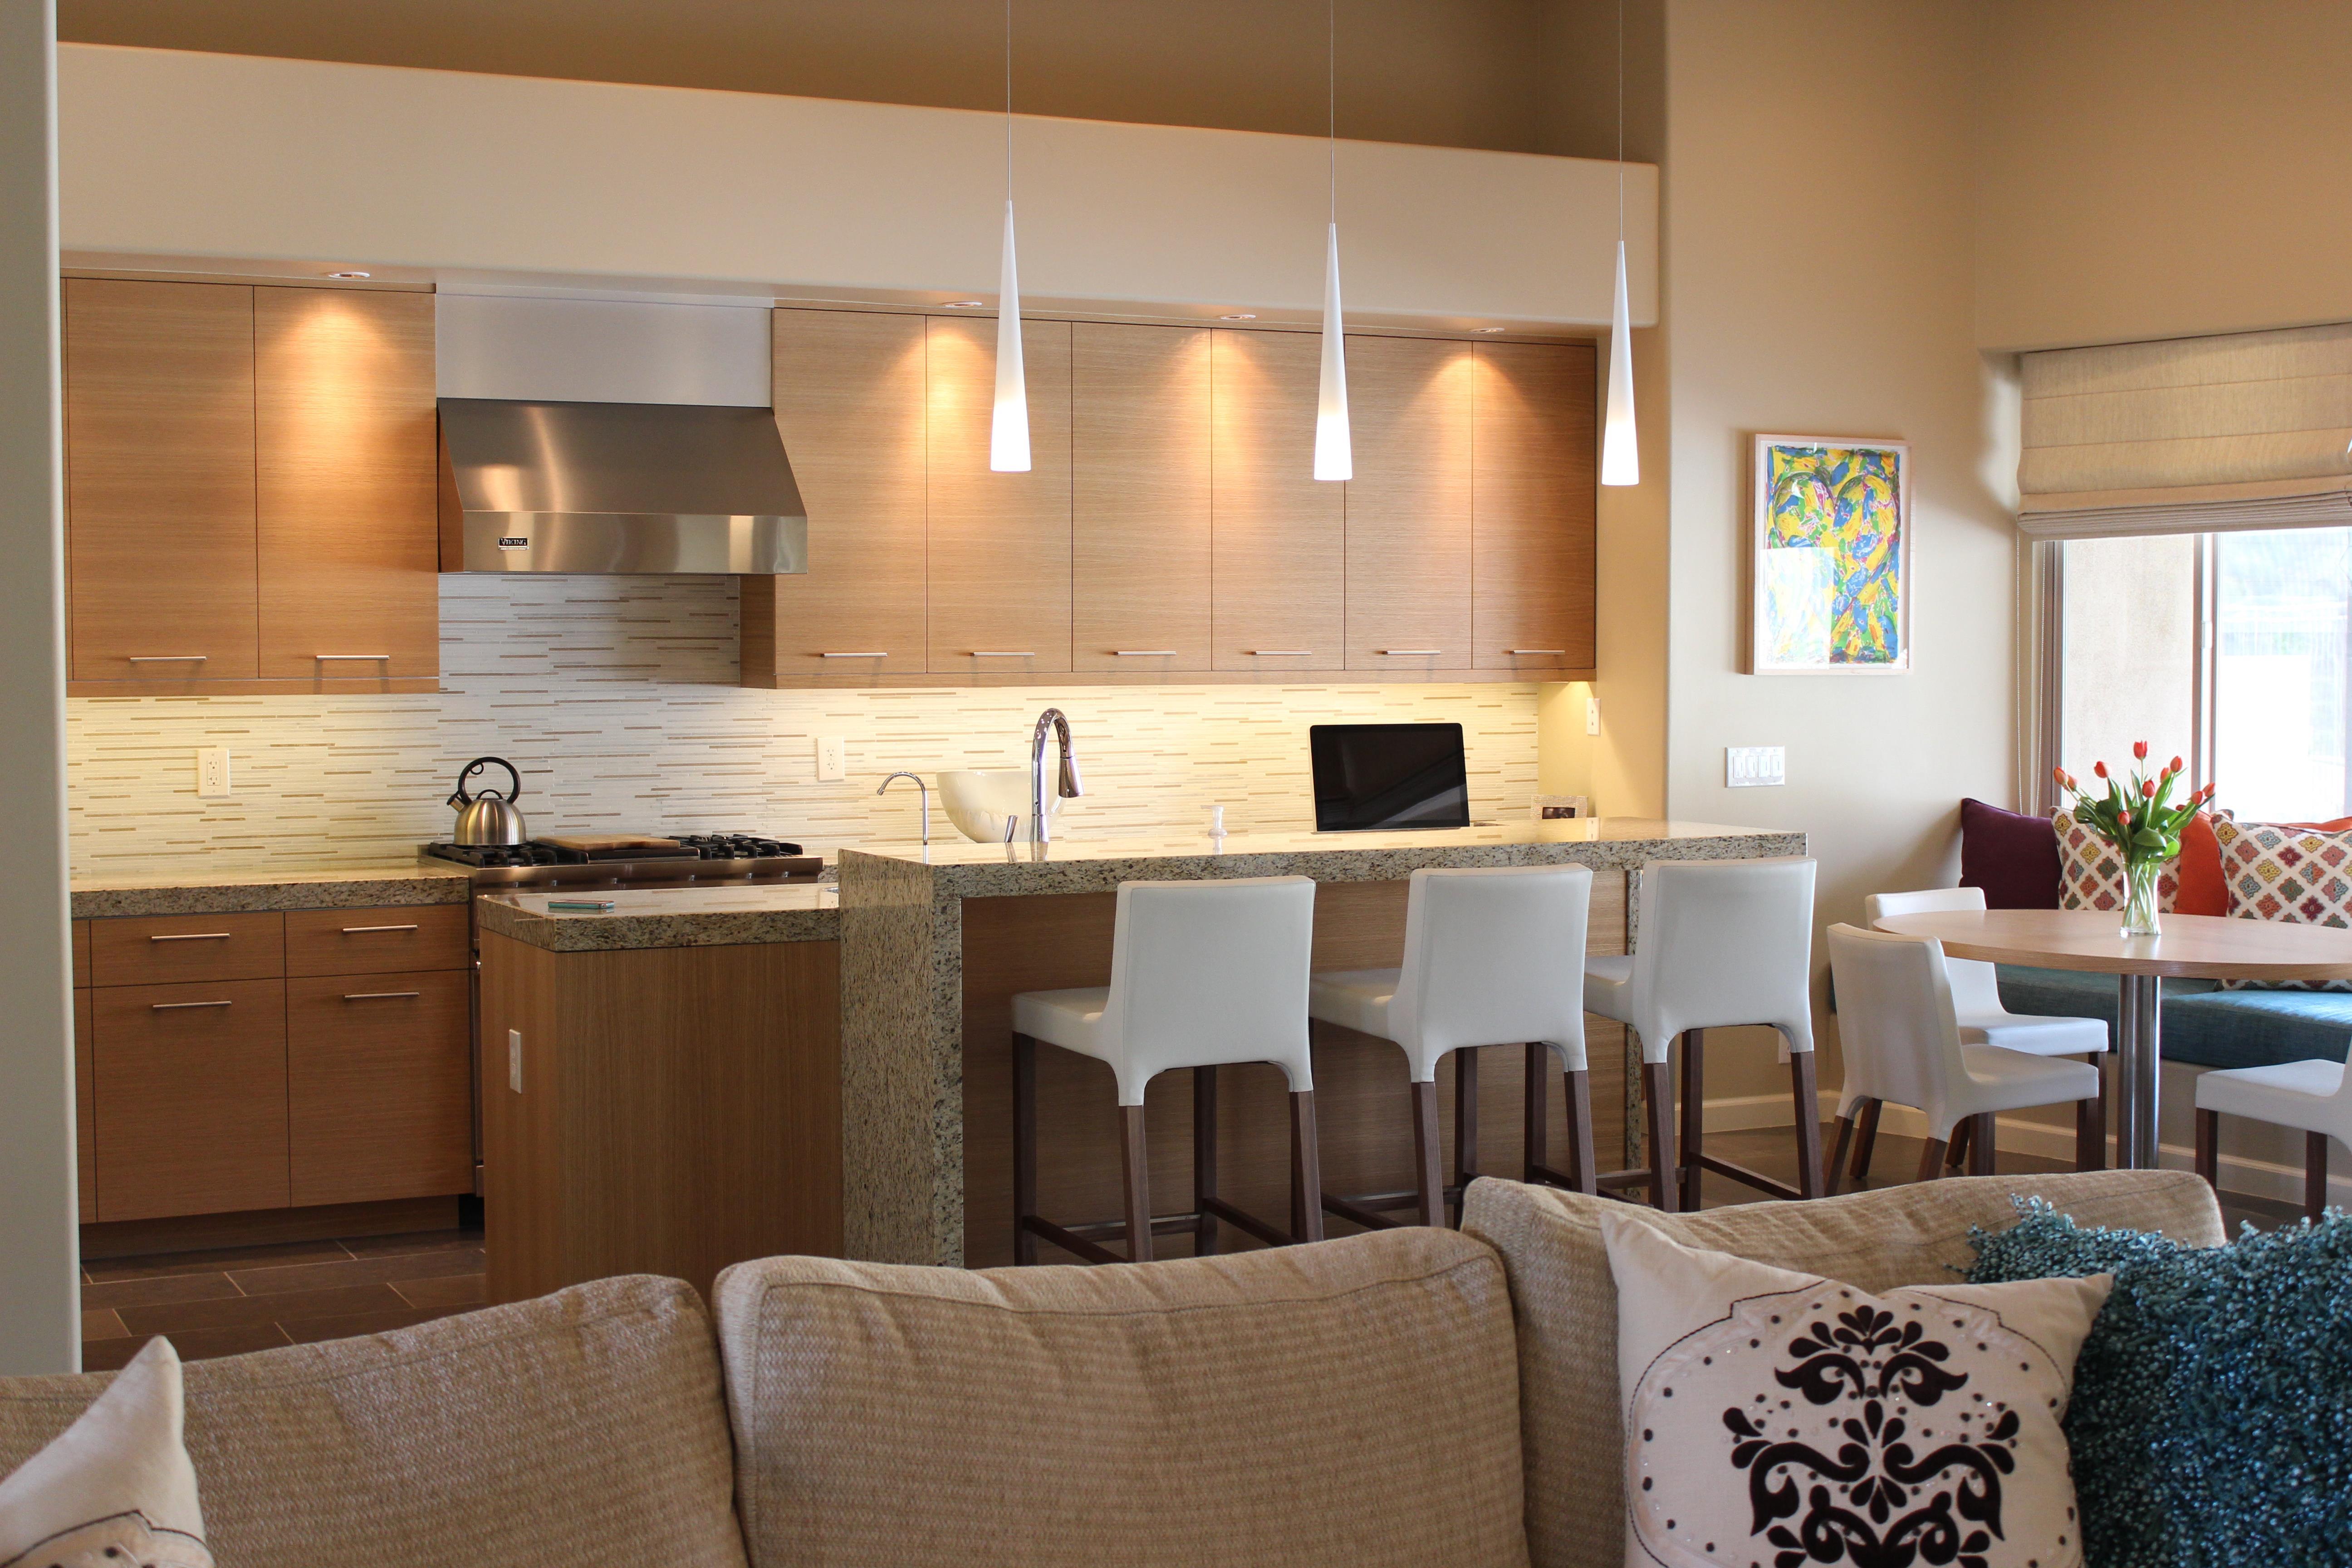 modern kitchen, veneer kitchen, Willis and willis interior design, tammie willis,